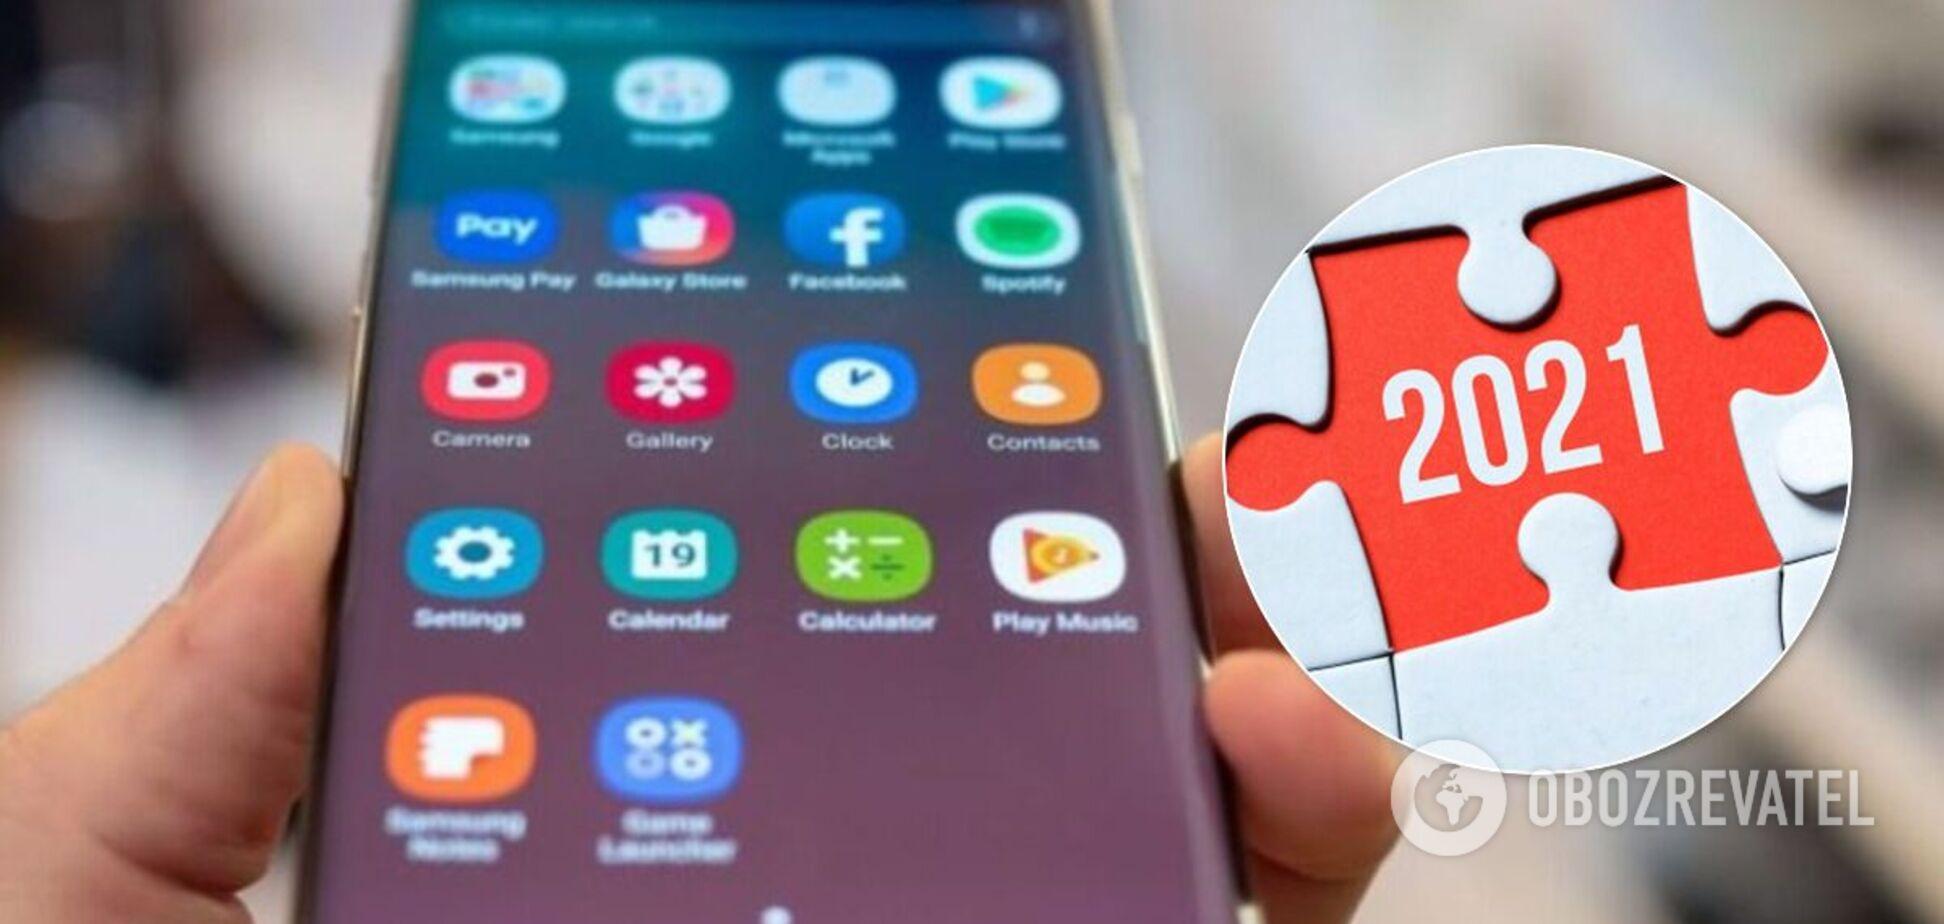 Эксперты рассказали, что ждет смартфоны в 2021 году